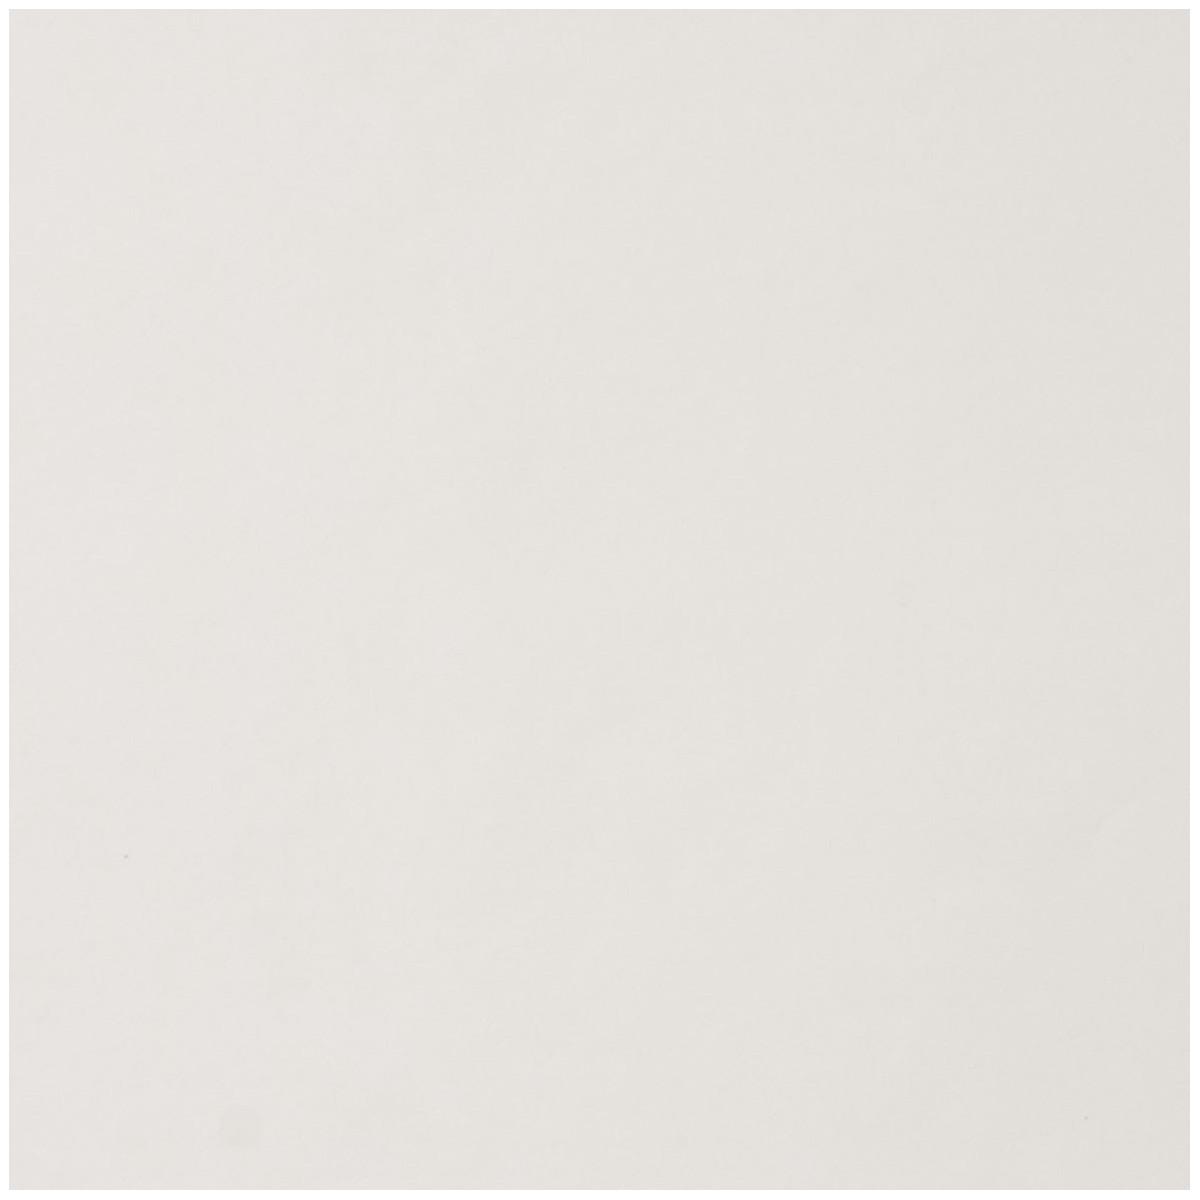 Carta Sealing Bianco ECOWHITE Gr.60 Fogli Cm.70x100 Colori Tinta Unita (al Kg.) Bianco